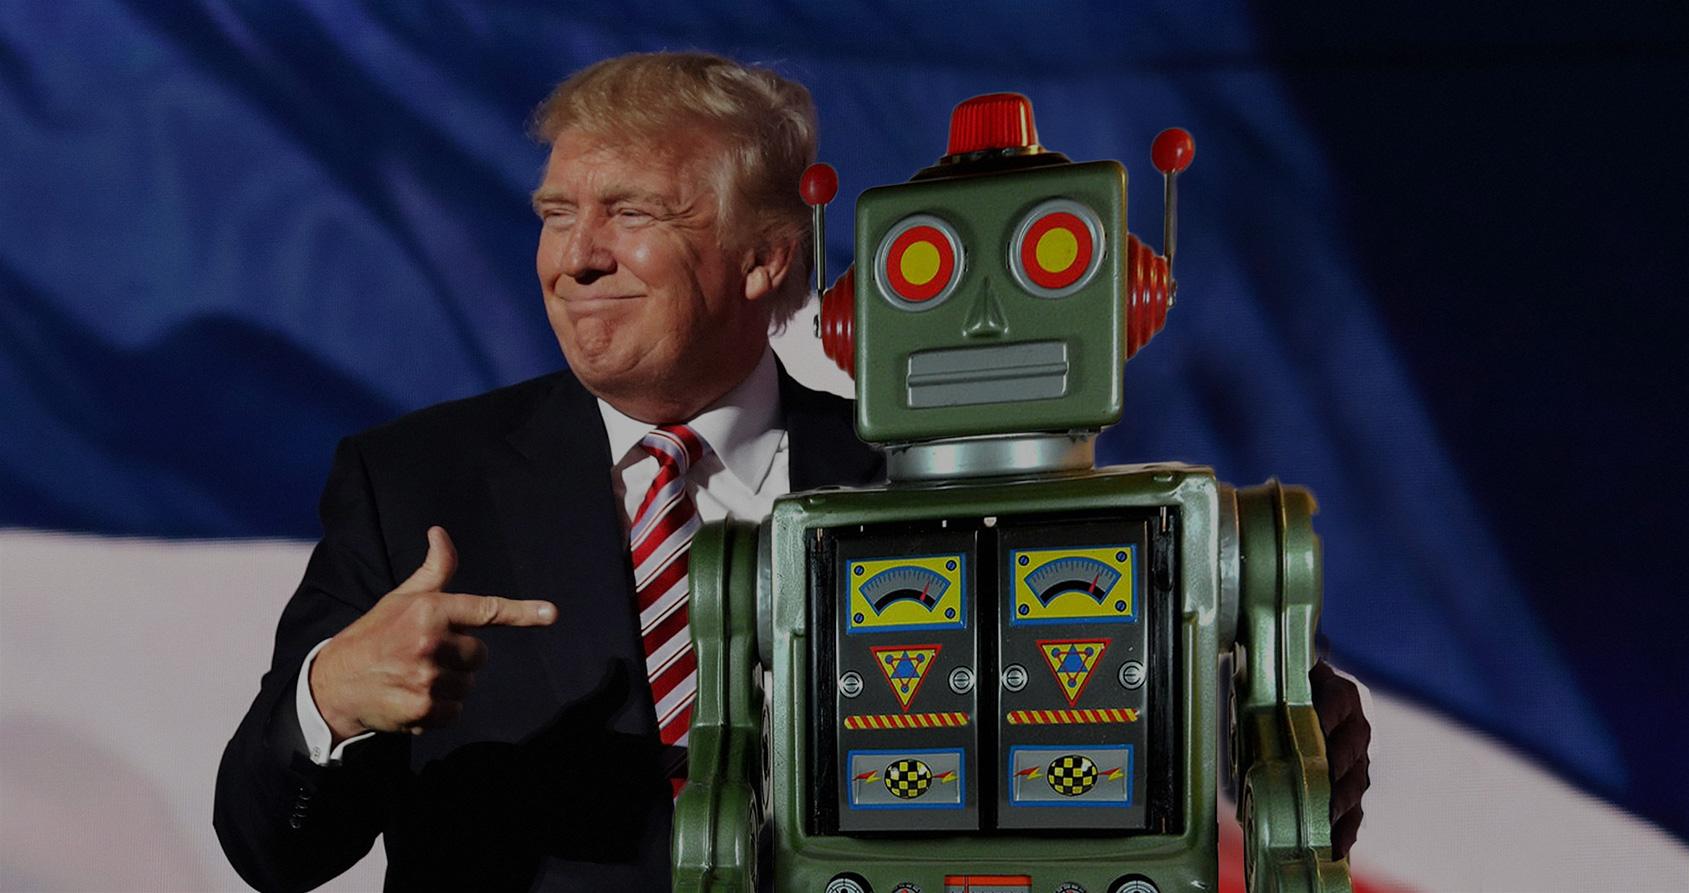 Comment l'industrie digitale a réagi à l'élection de Donald Trump (2)